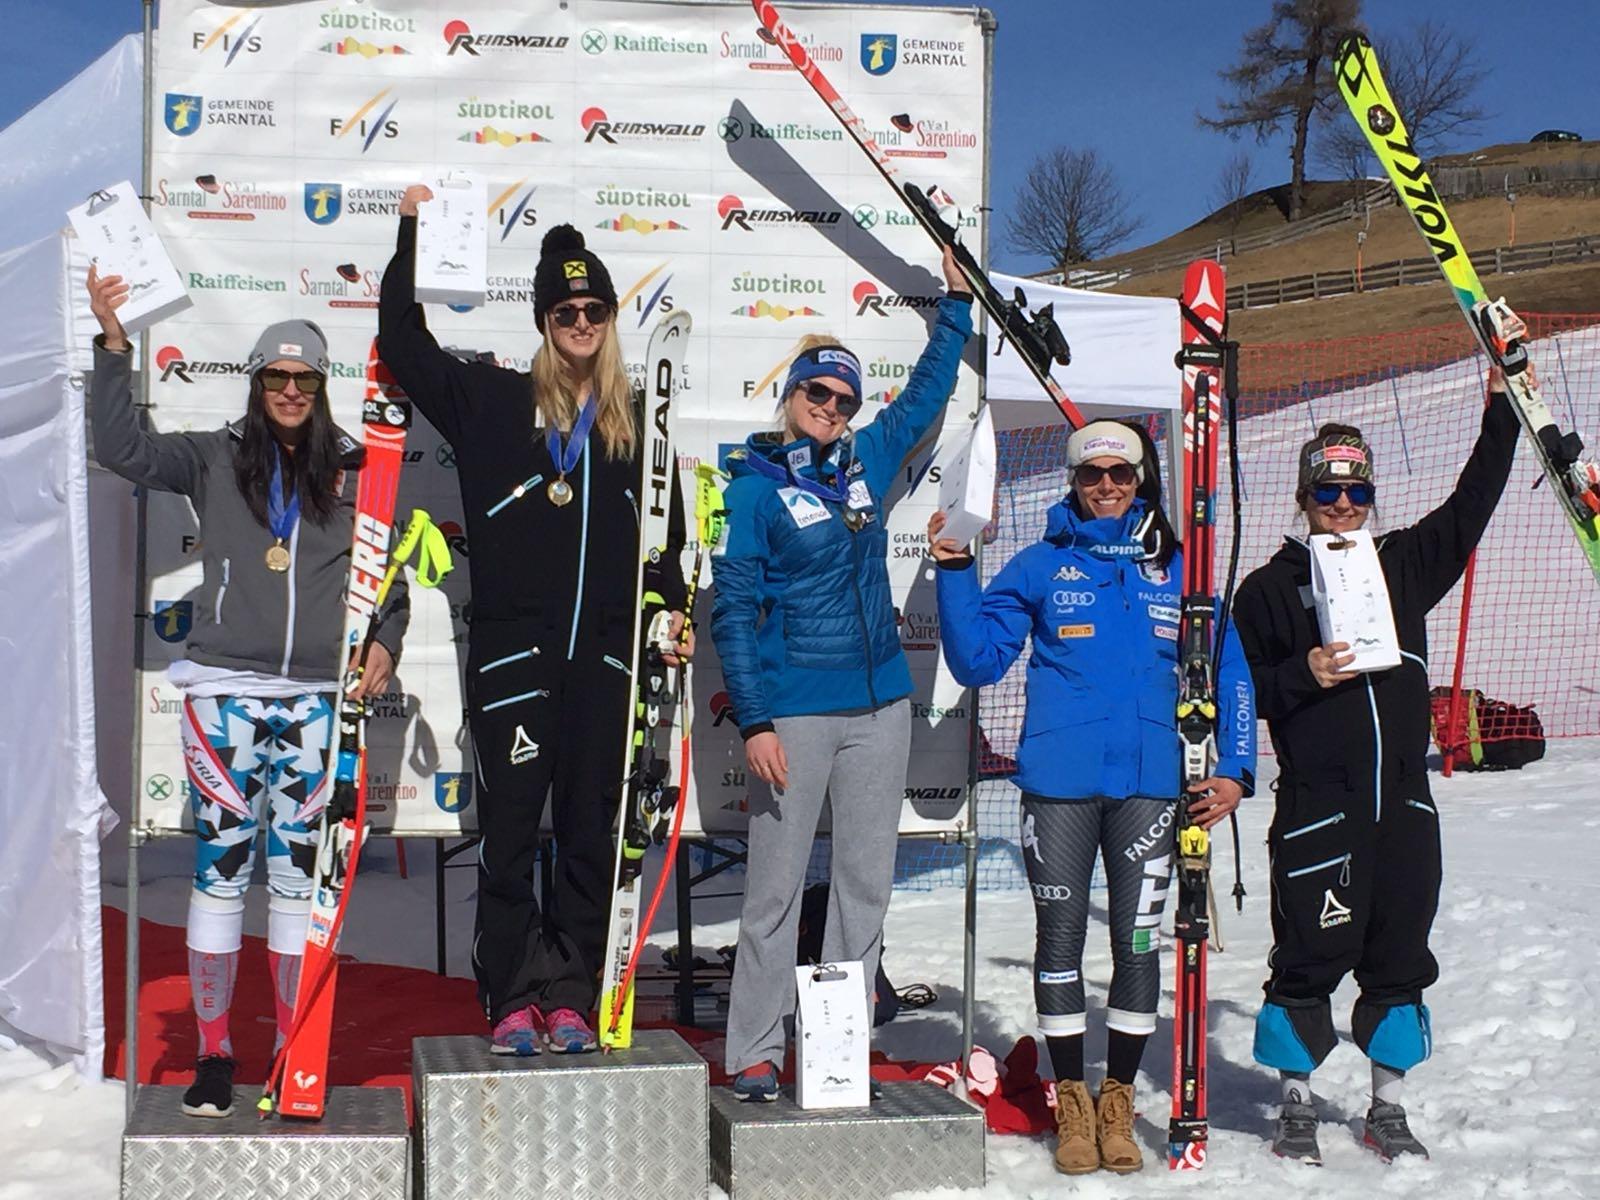 Da sinistra: Fest, Ortlieb, Riis-Johannessen, Anna Hofer e Sabrina Maier durante la premiazione del superG odierno a Sarentino